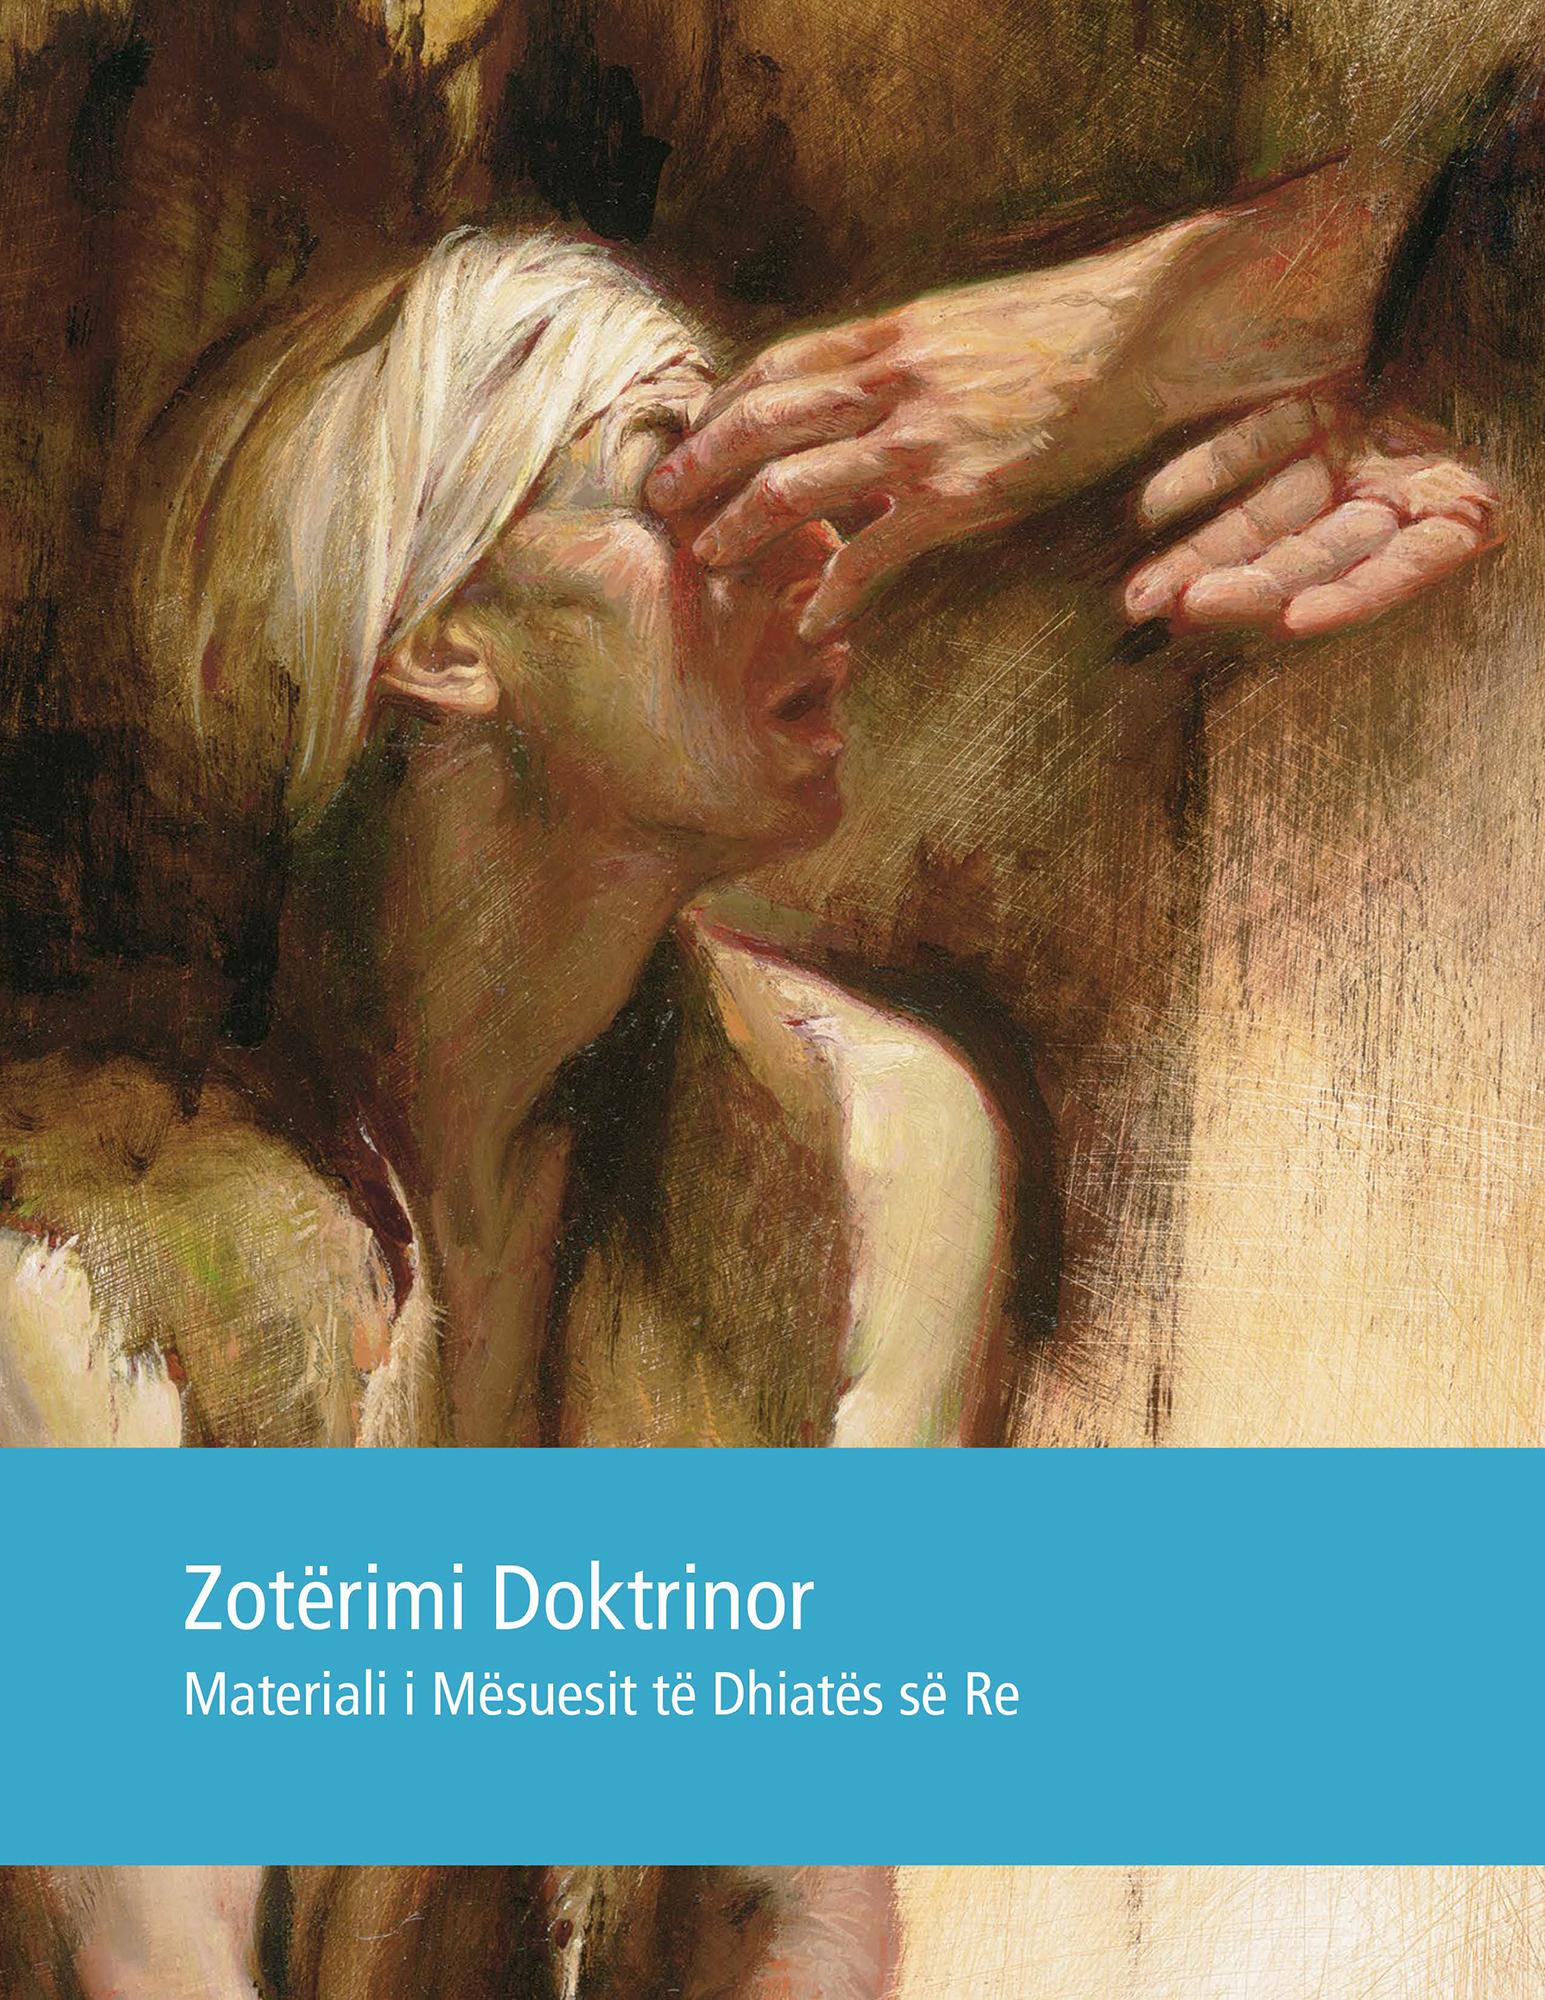 materiali i mësuesit për zotërimin doktrinor